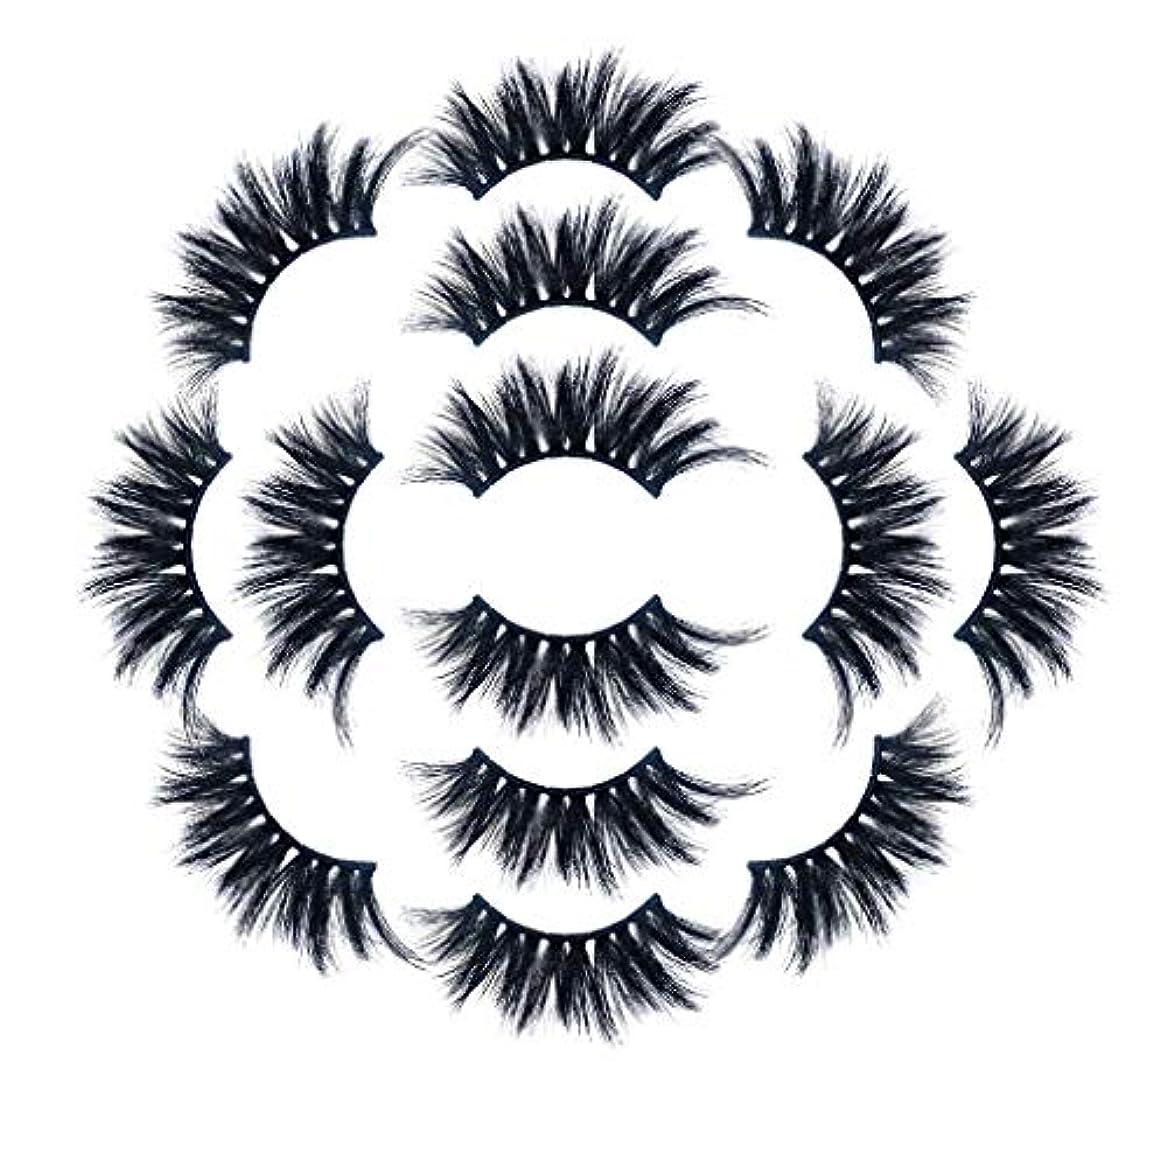 ハング細胞補正ラグジュアリー7ペア8Dつけまつげふわふわストリップまつげロングナチュラルパーティーメイク